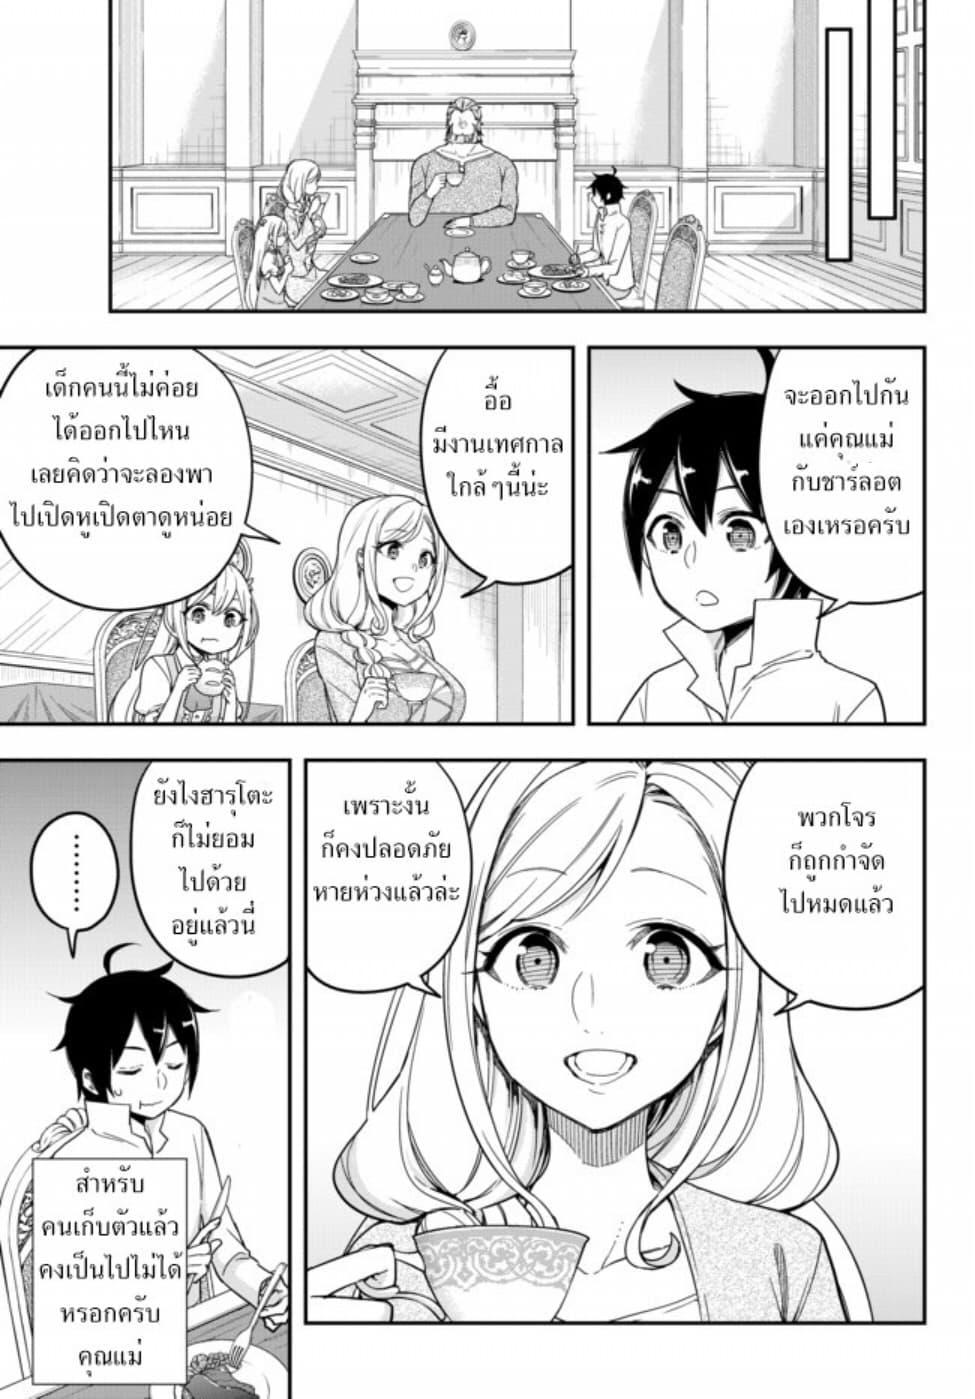 อ่านการ์ตูน Jitsu wa Ore Saikyou deshita ตอนที่ 5.1 หน้าที่ 13